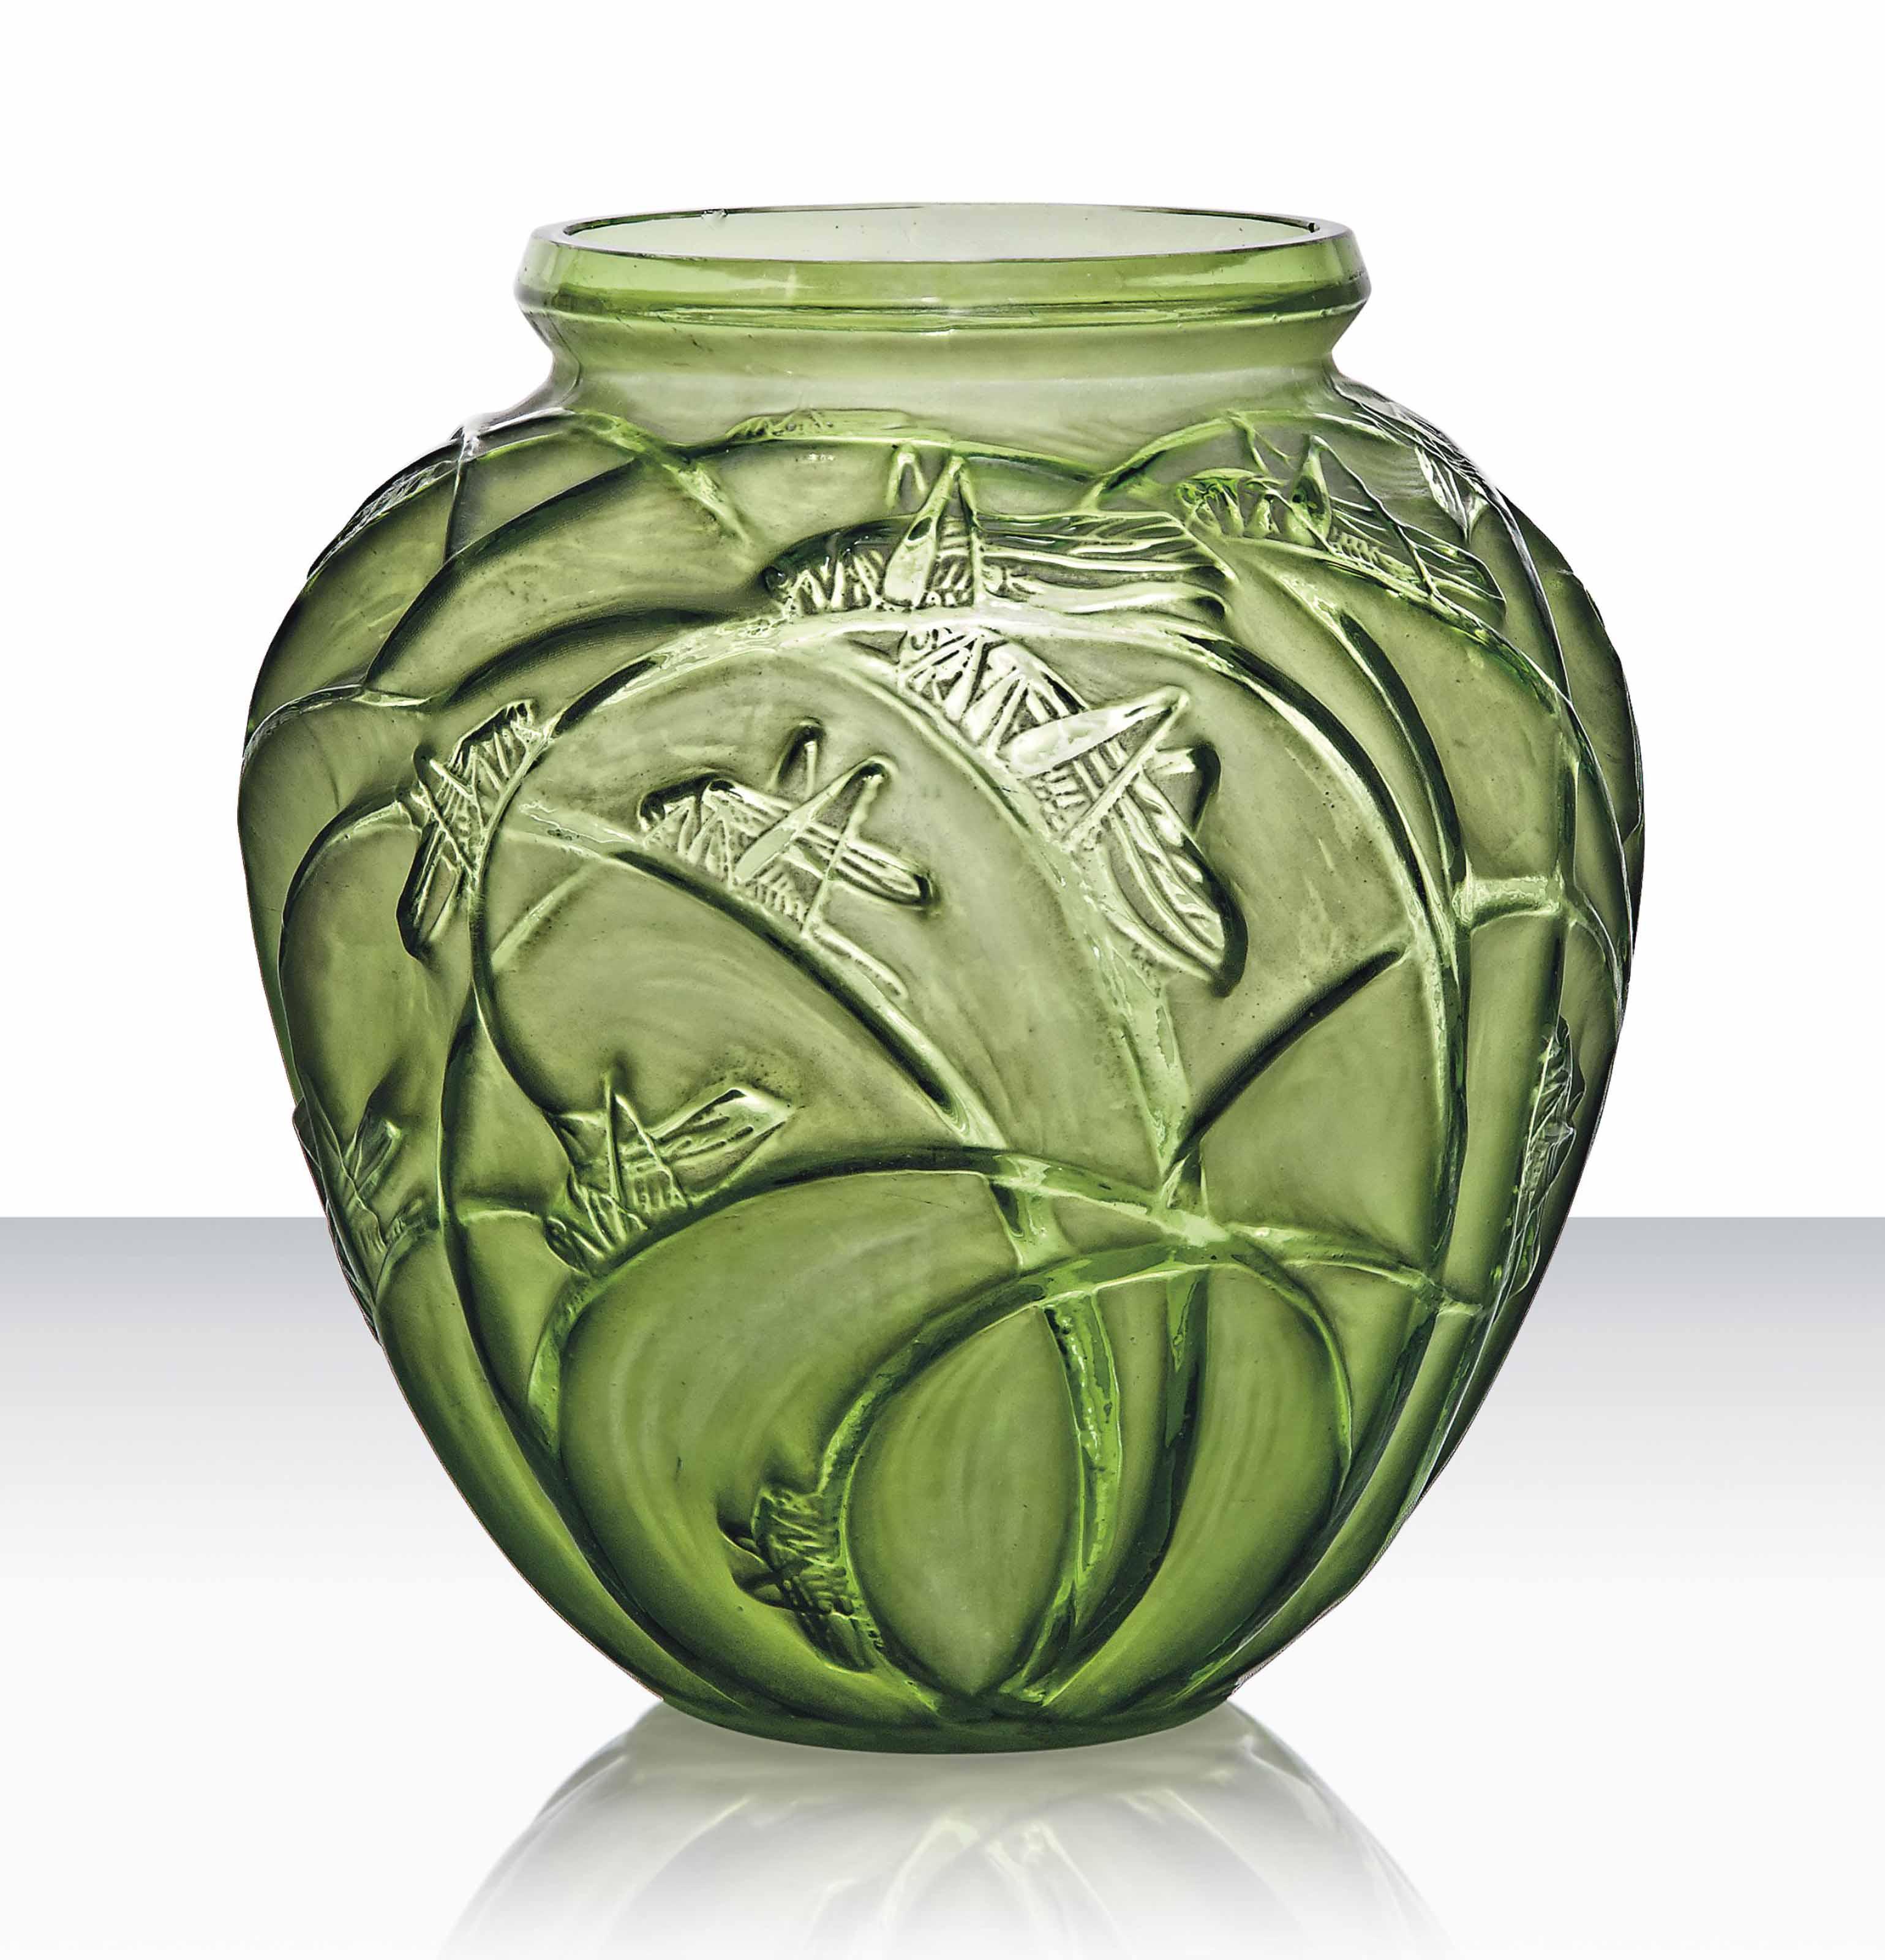 A 'Sauterelles' Vase, No. 888